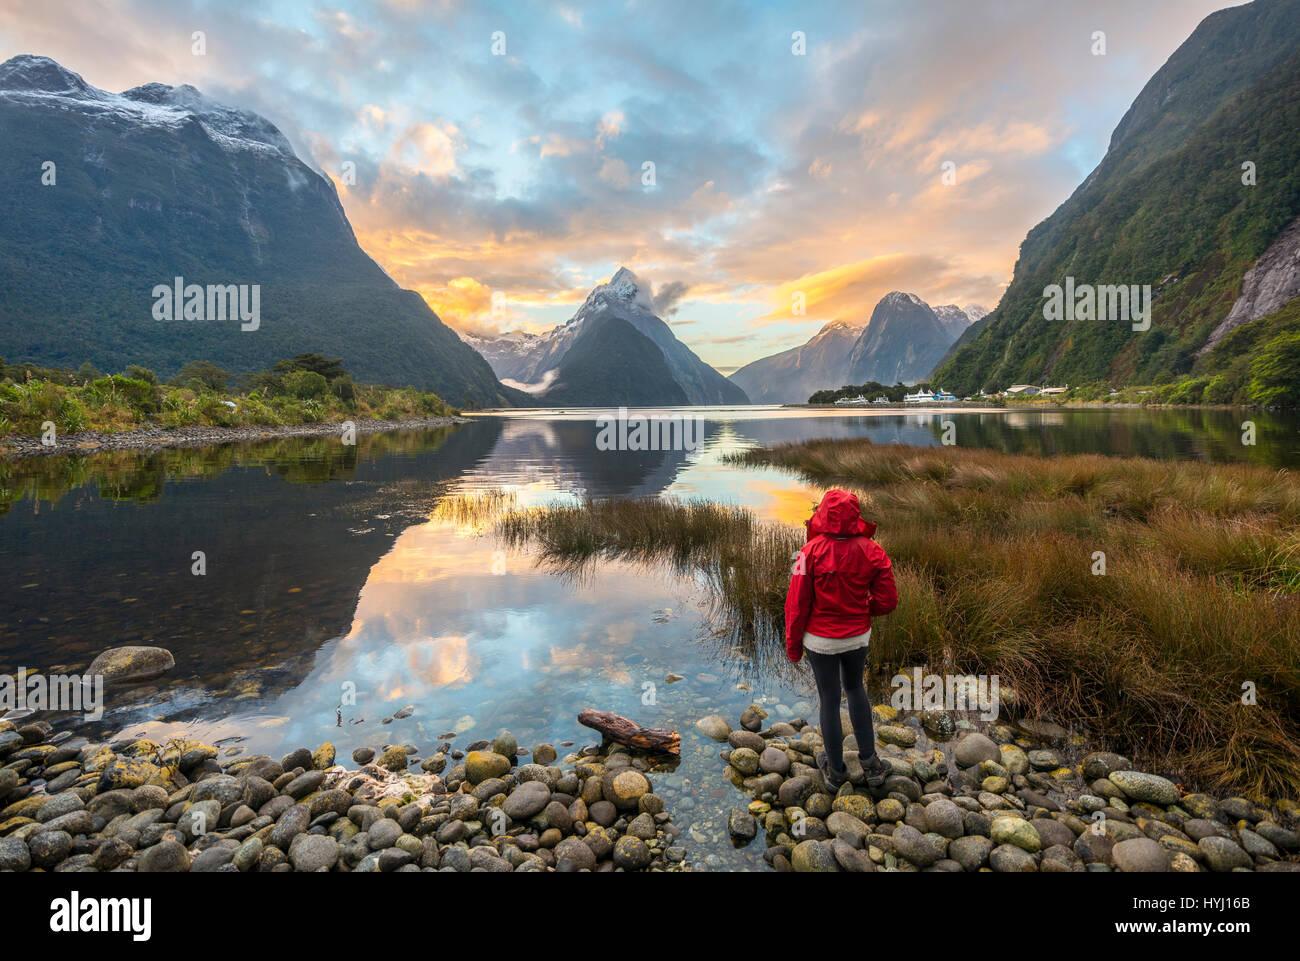 Les touristes à la recherche sur le paysage, la Mitre Peak reflète dans l'eau, coucher de soleil, Photo Stock